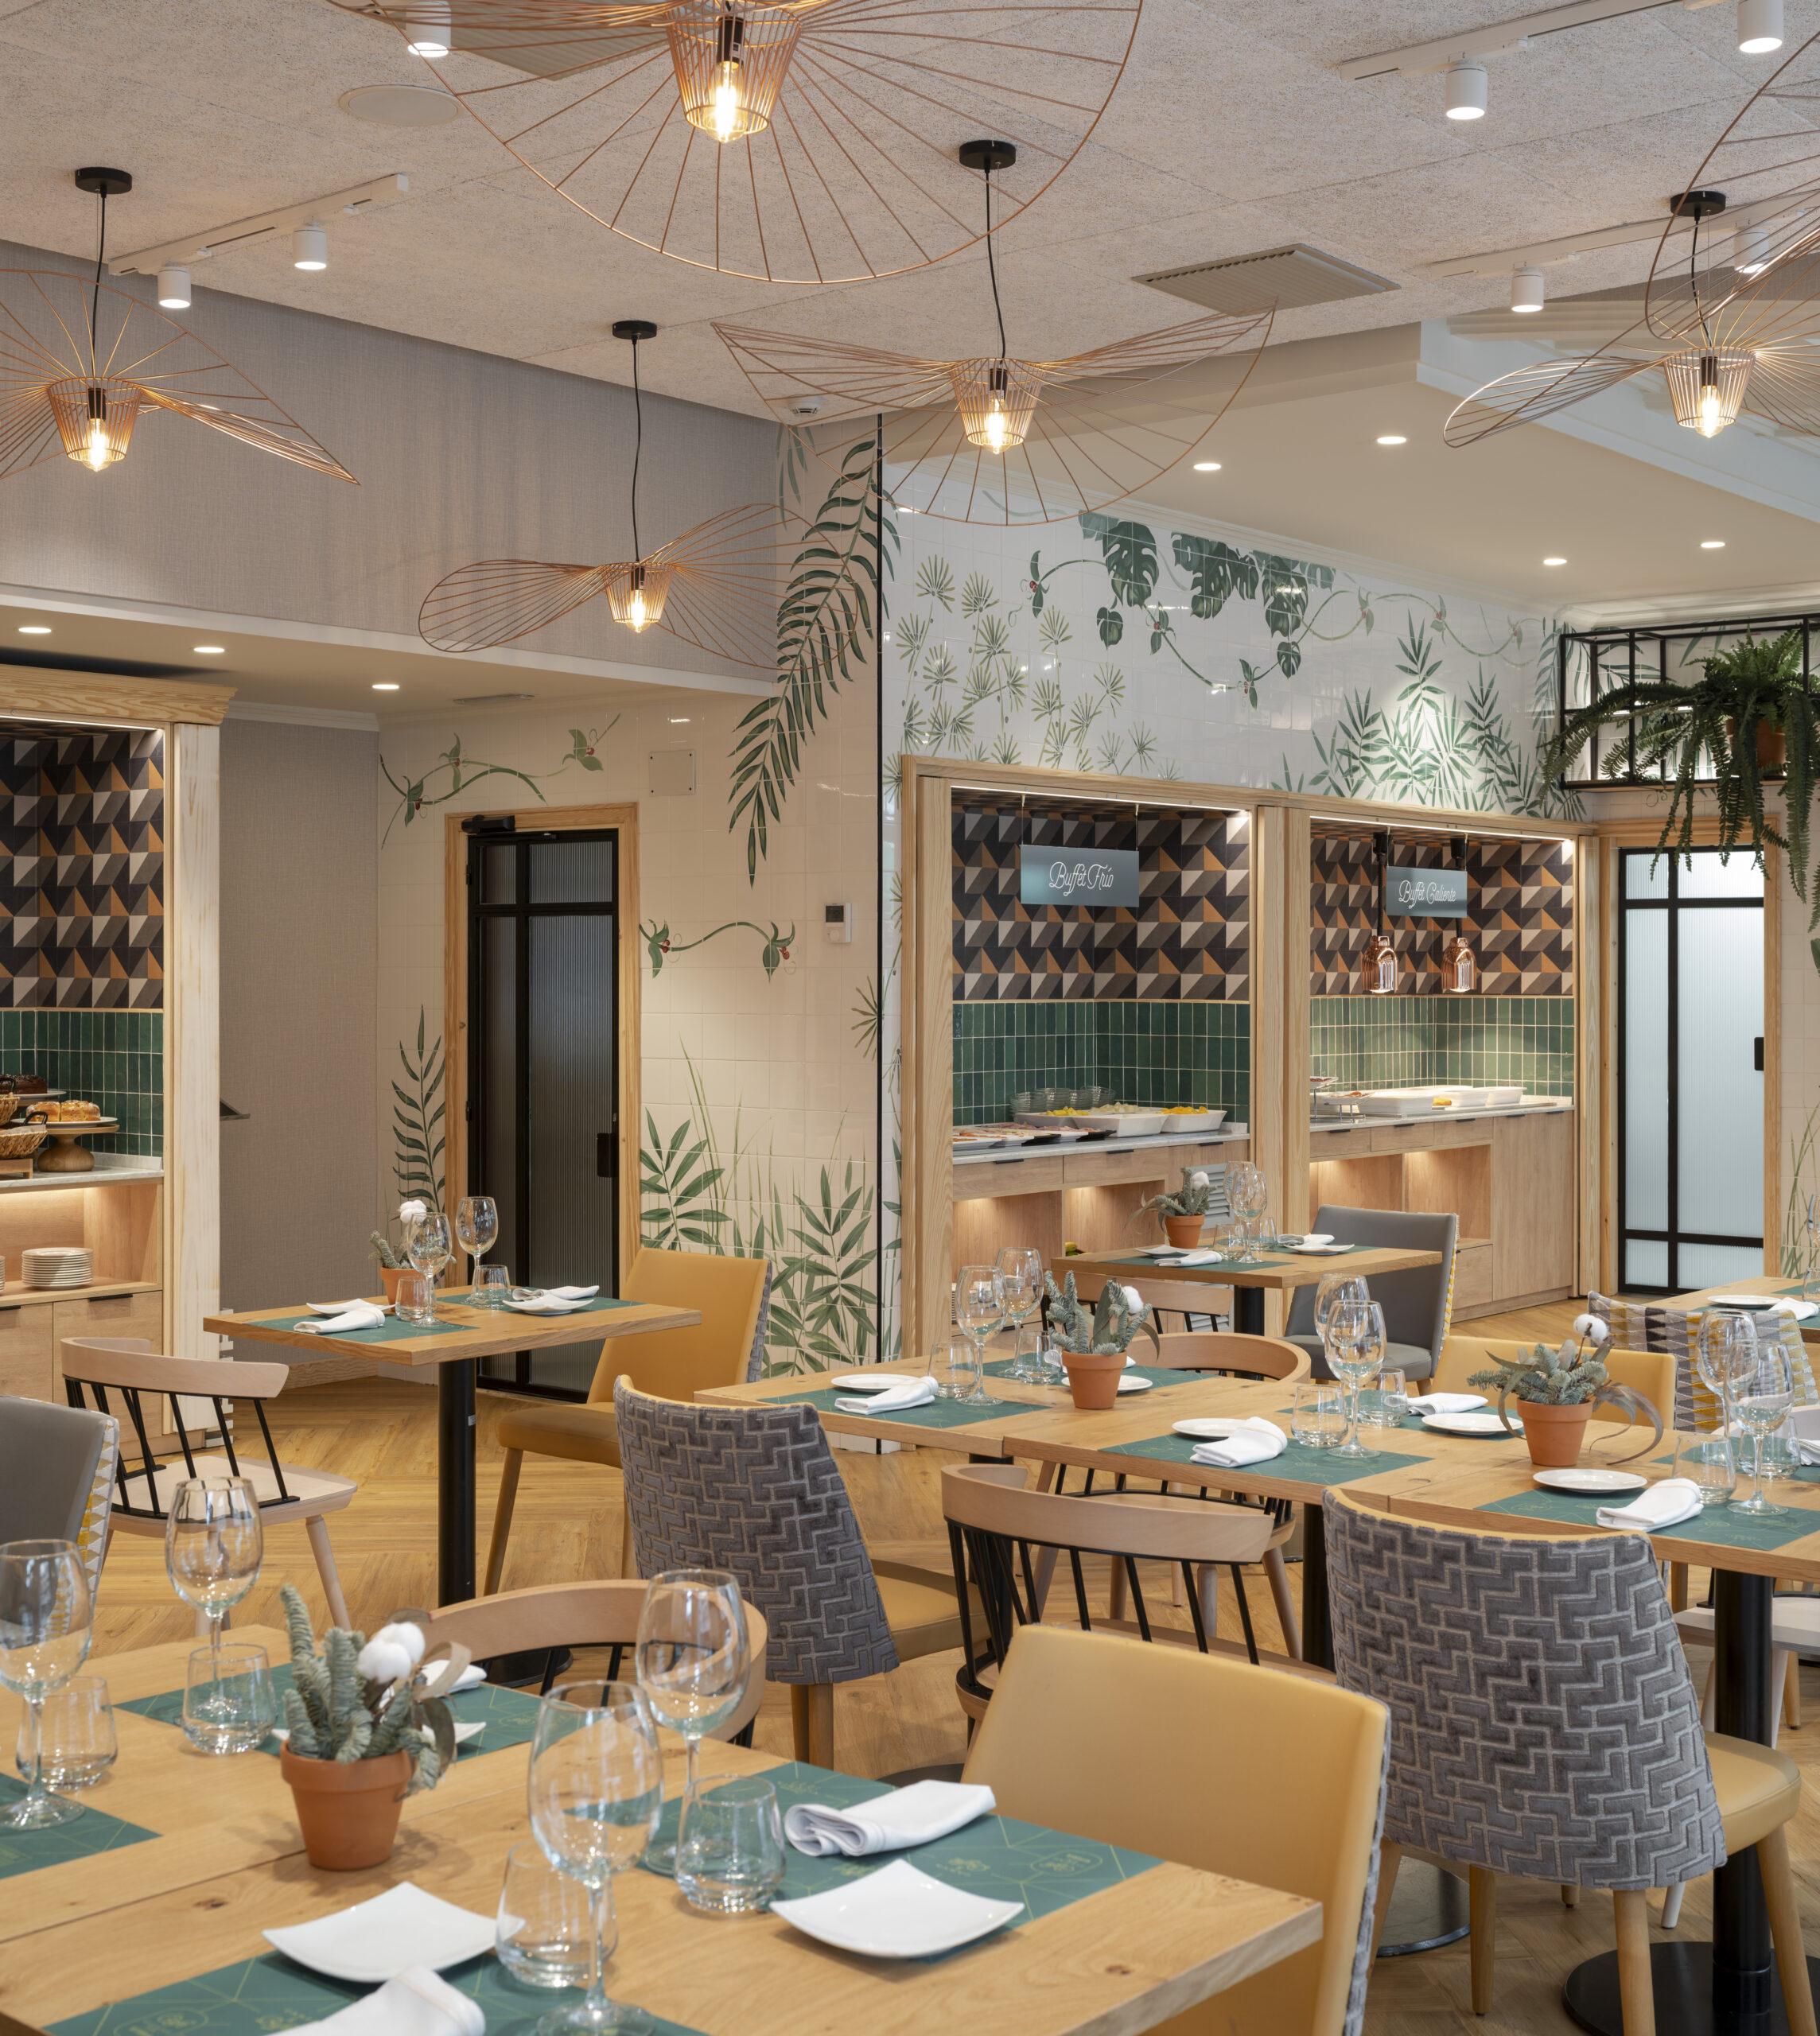 restaurante-vitoria-interiorismo